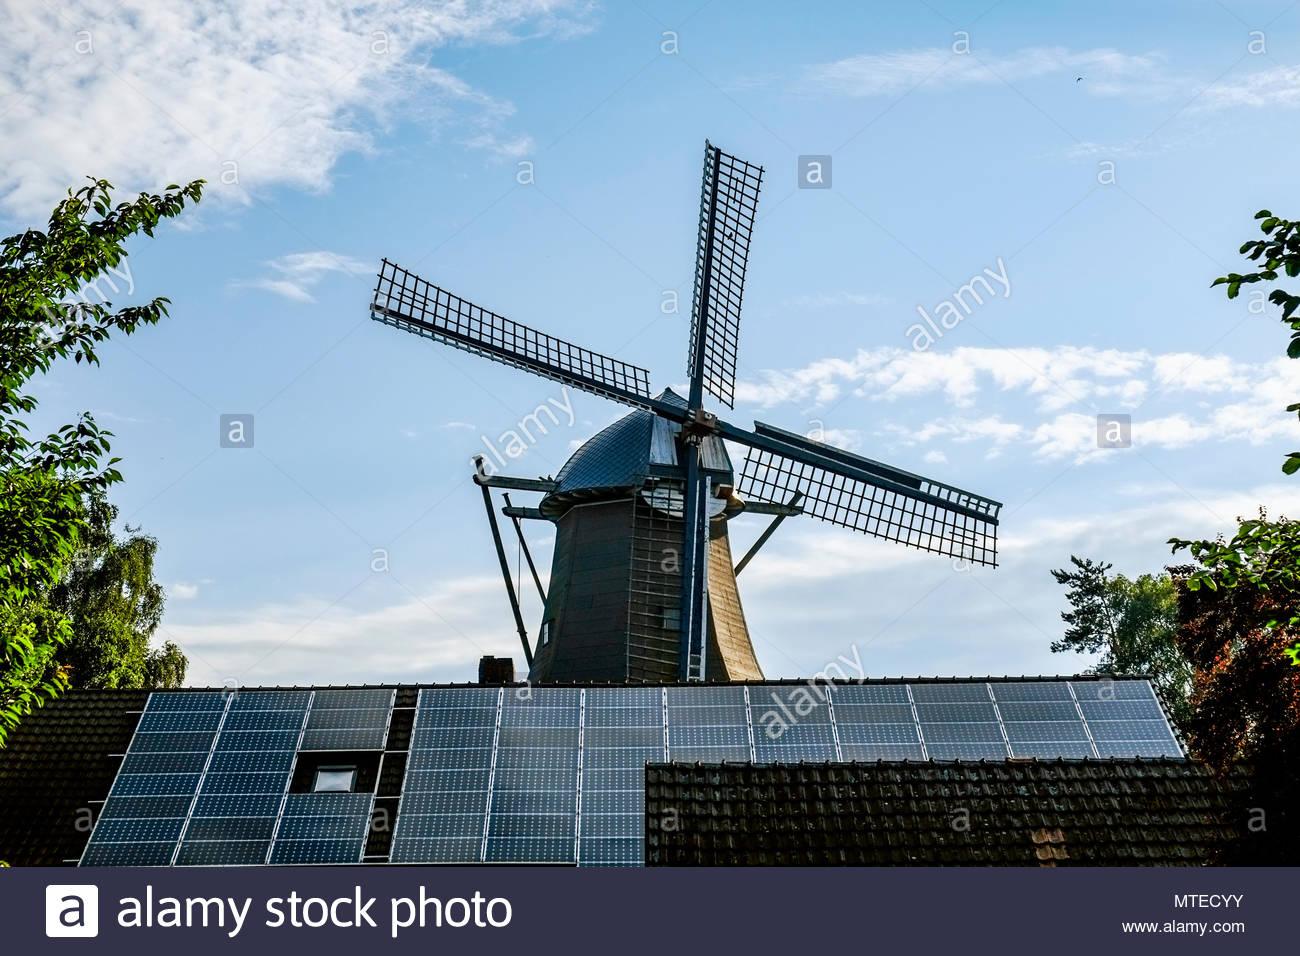 Traditionelle Windmühle mit Photovoltaik Solar Panels in Ramsloh, Saterland, Niedersachsen, Norddeutschland. Stockbild